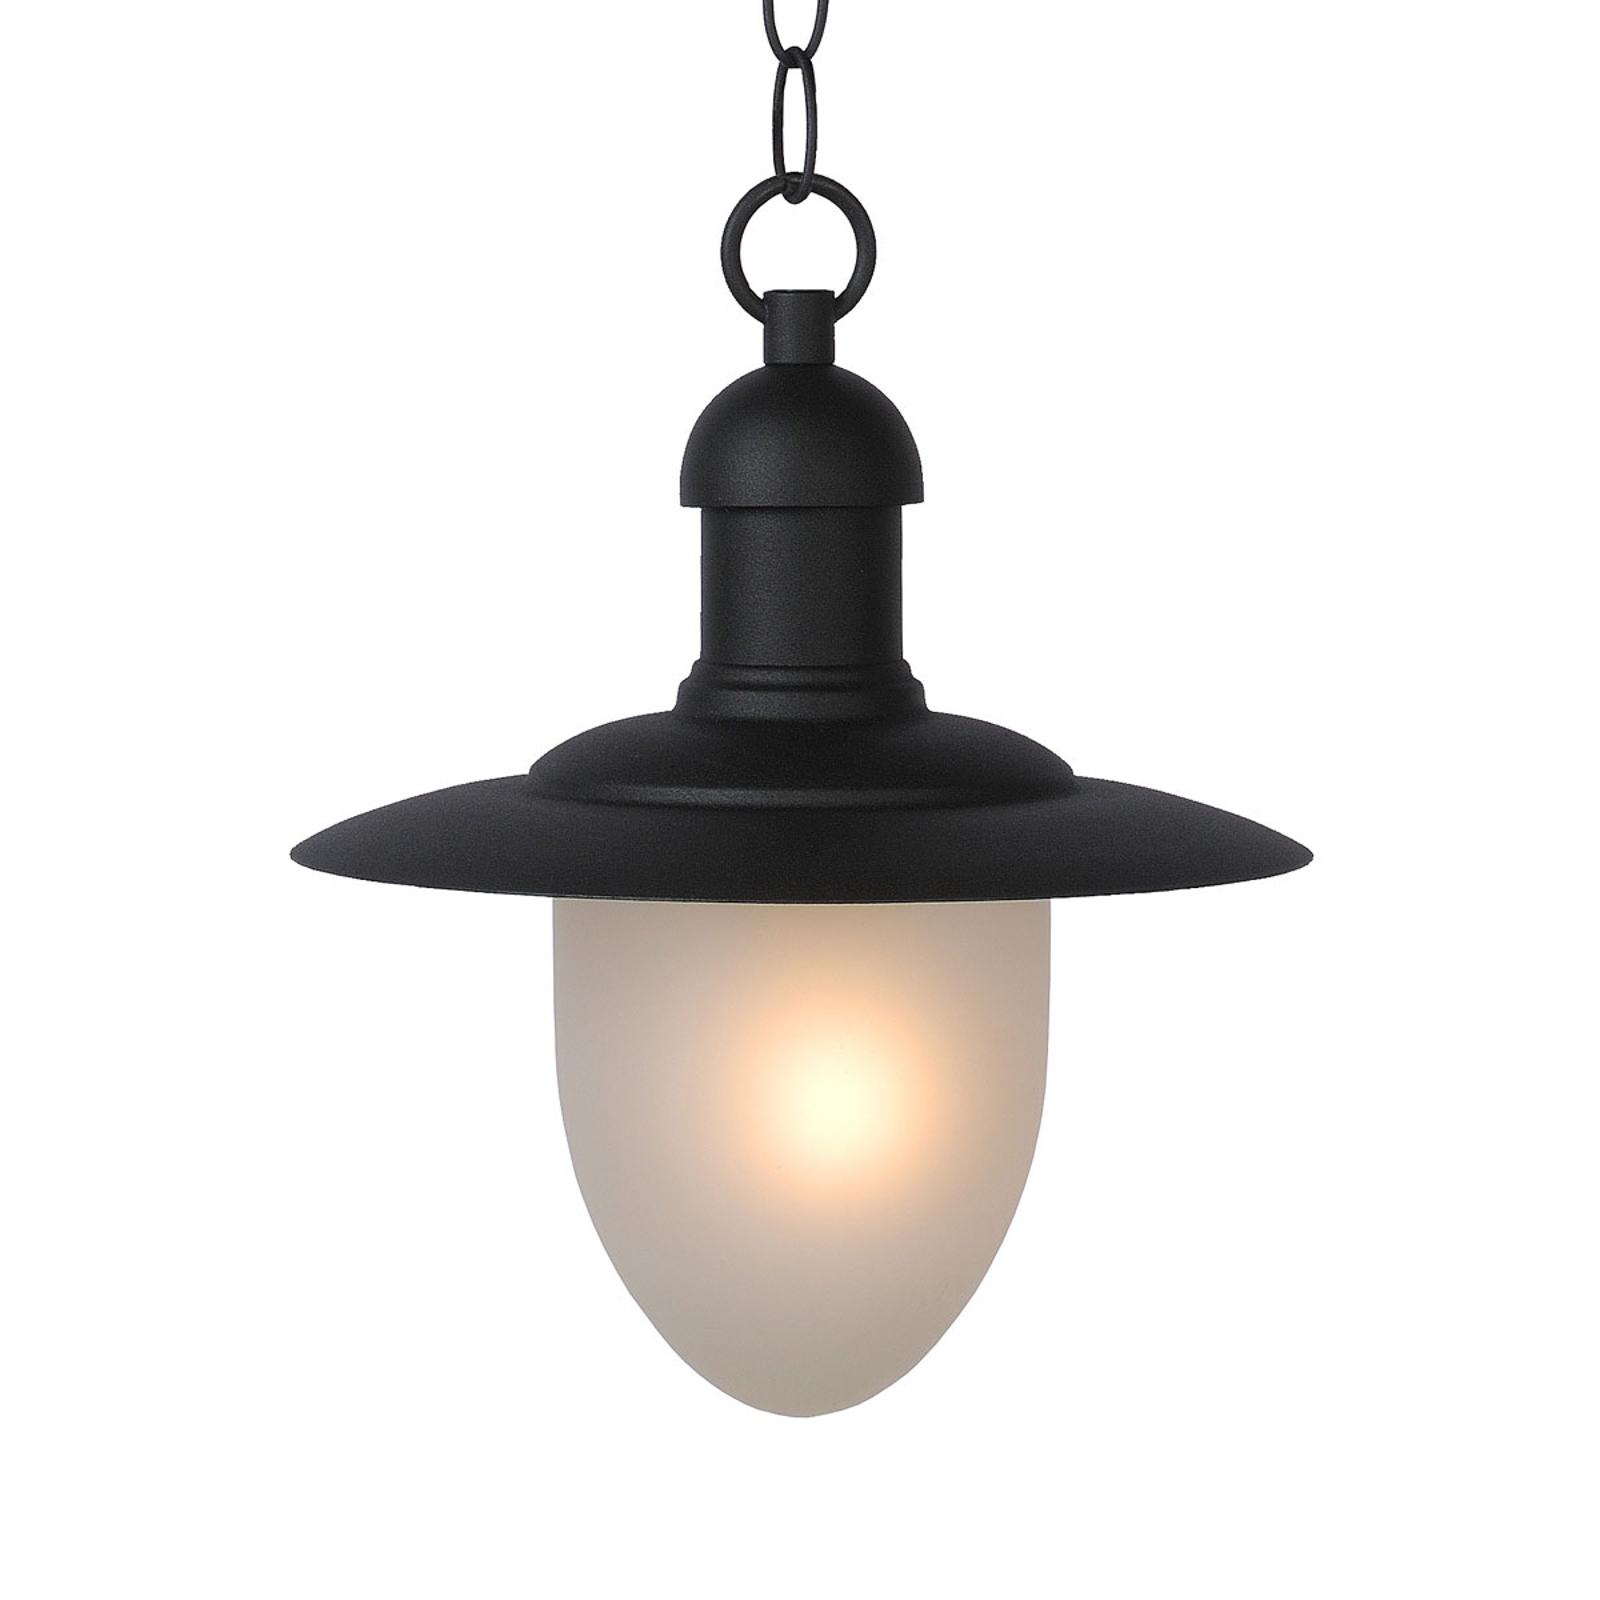 Lampa wisząca zewnętrzna Cottage, czarna